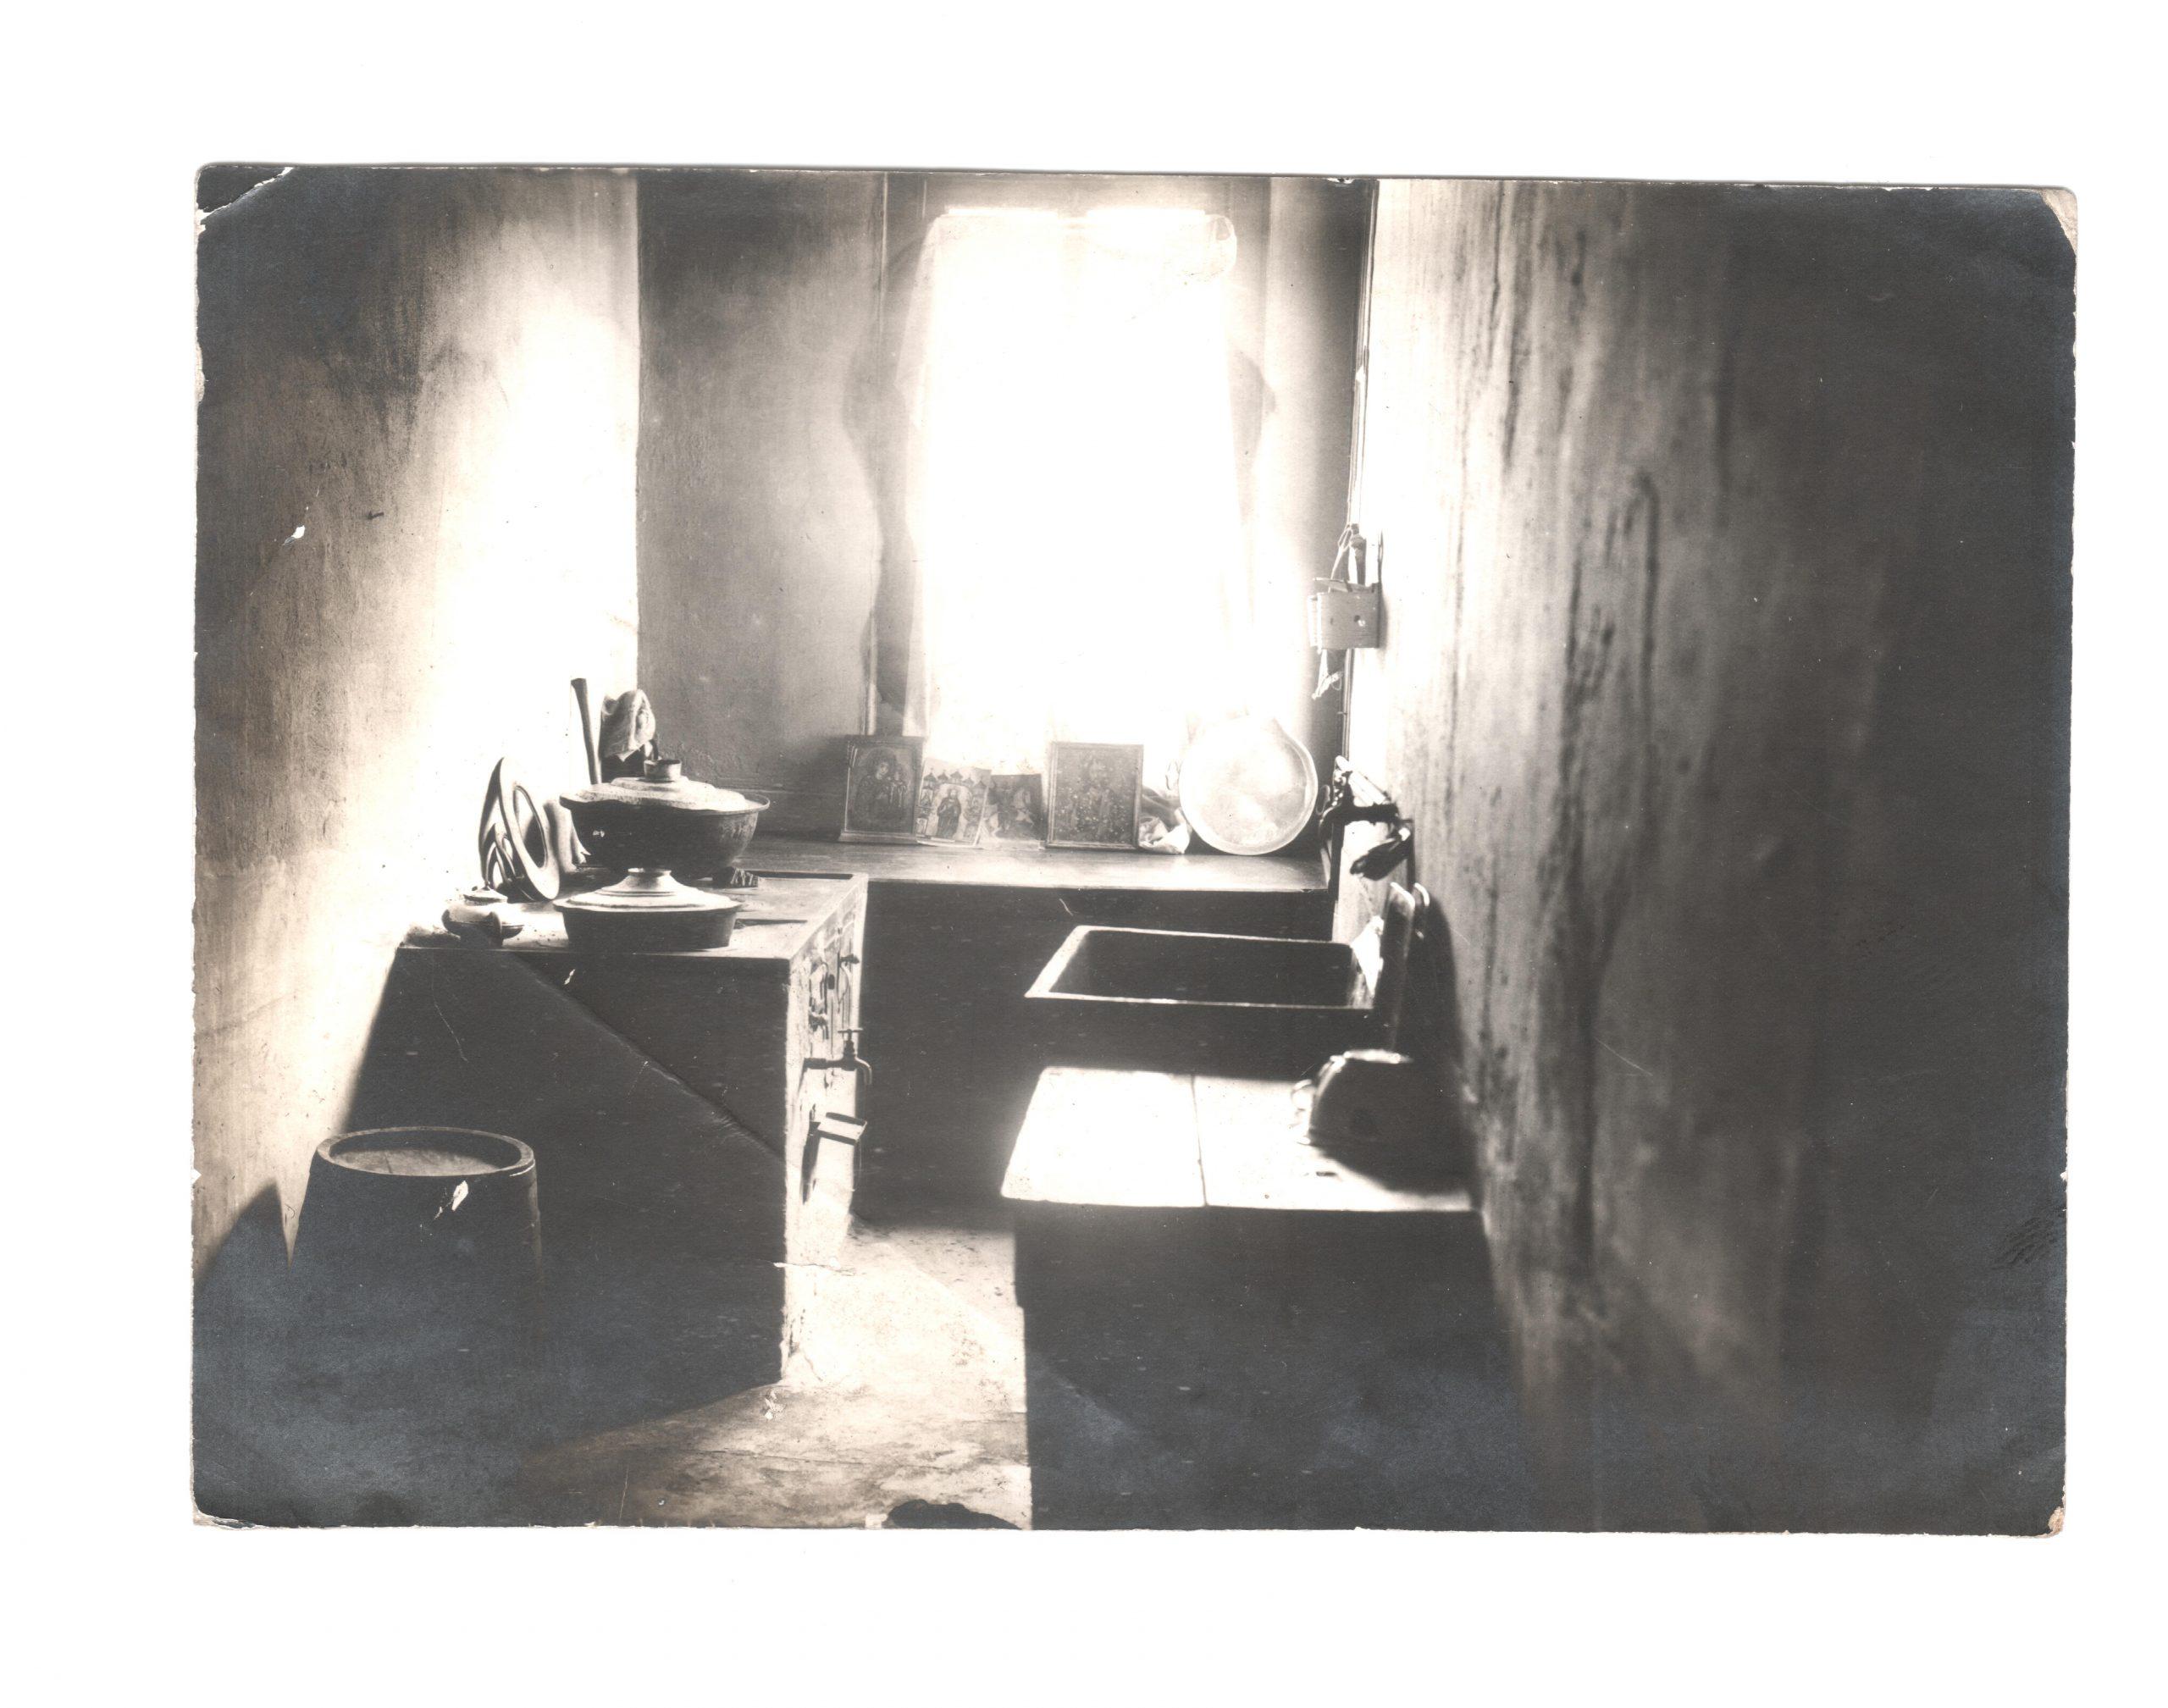 Манастирска готварница 1